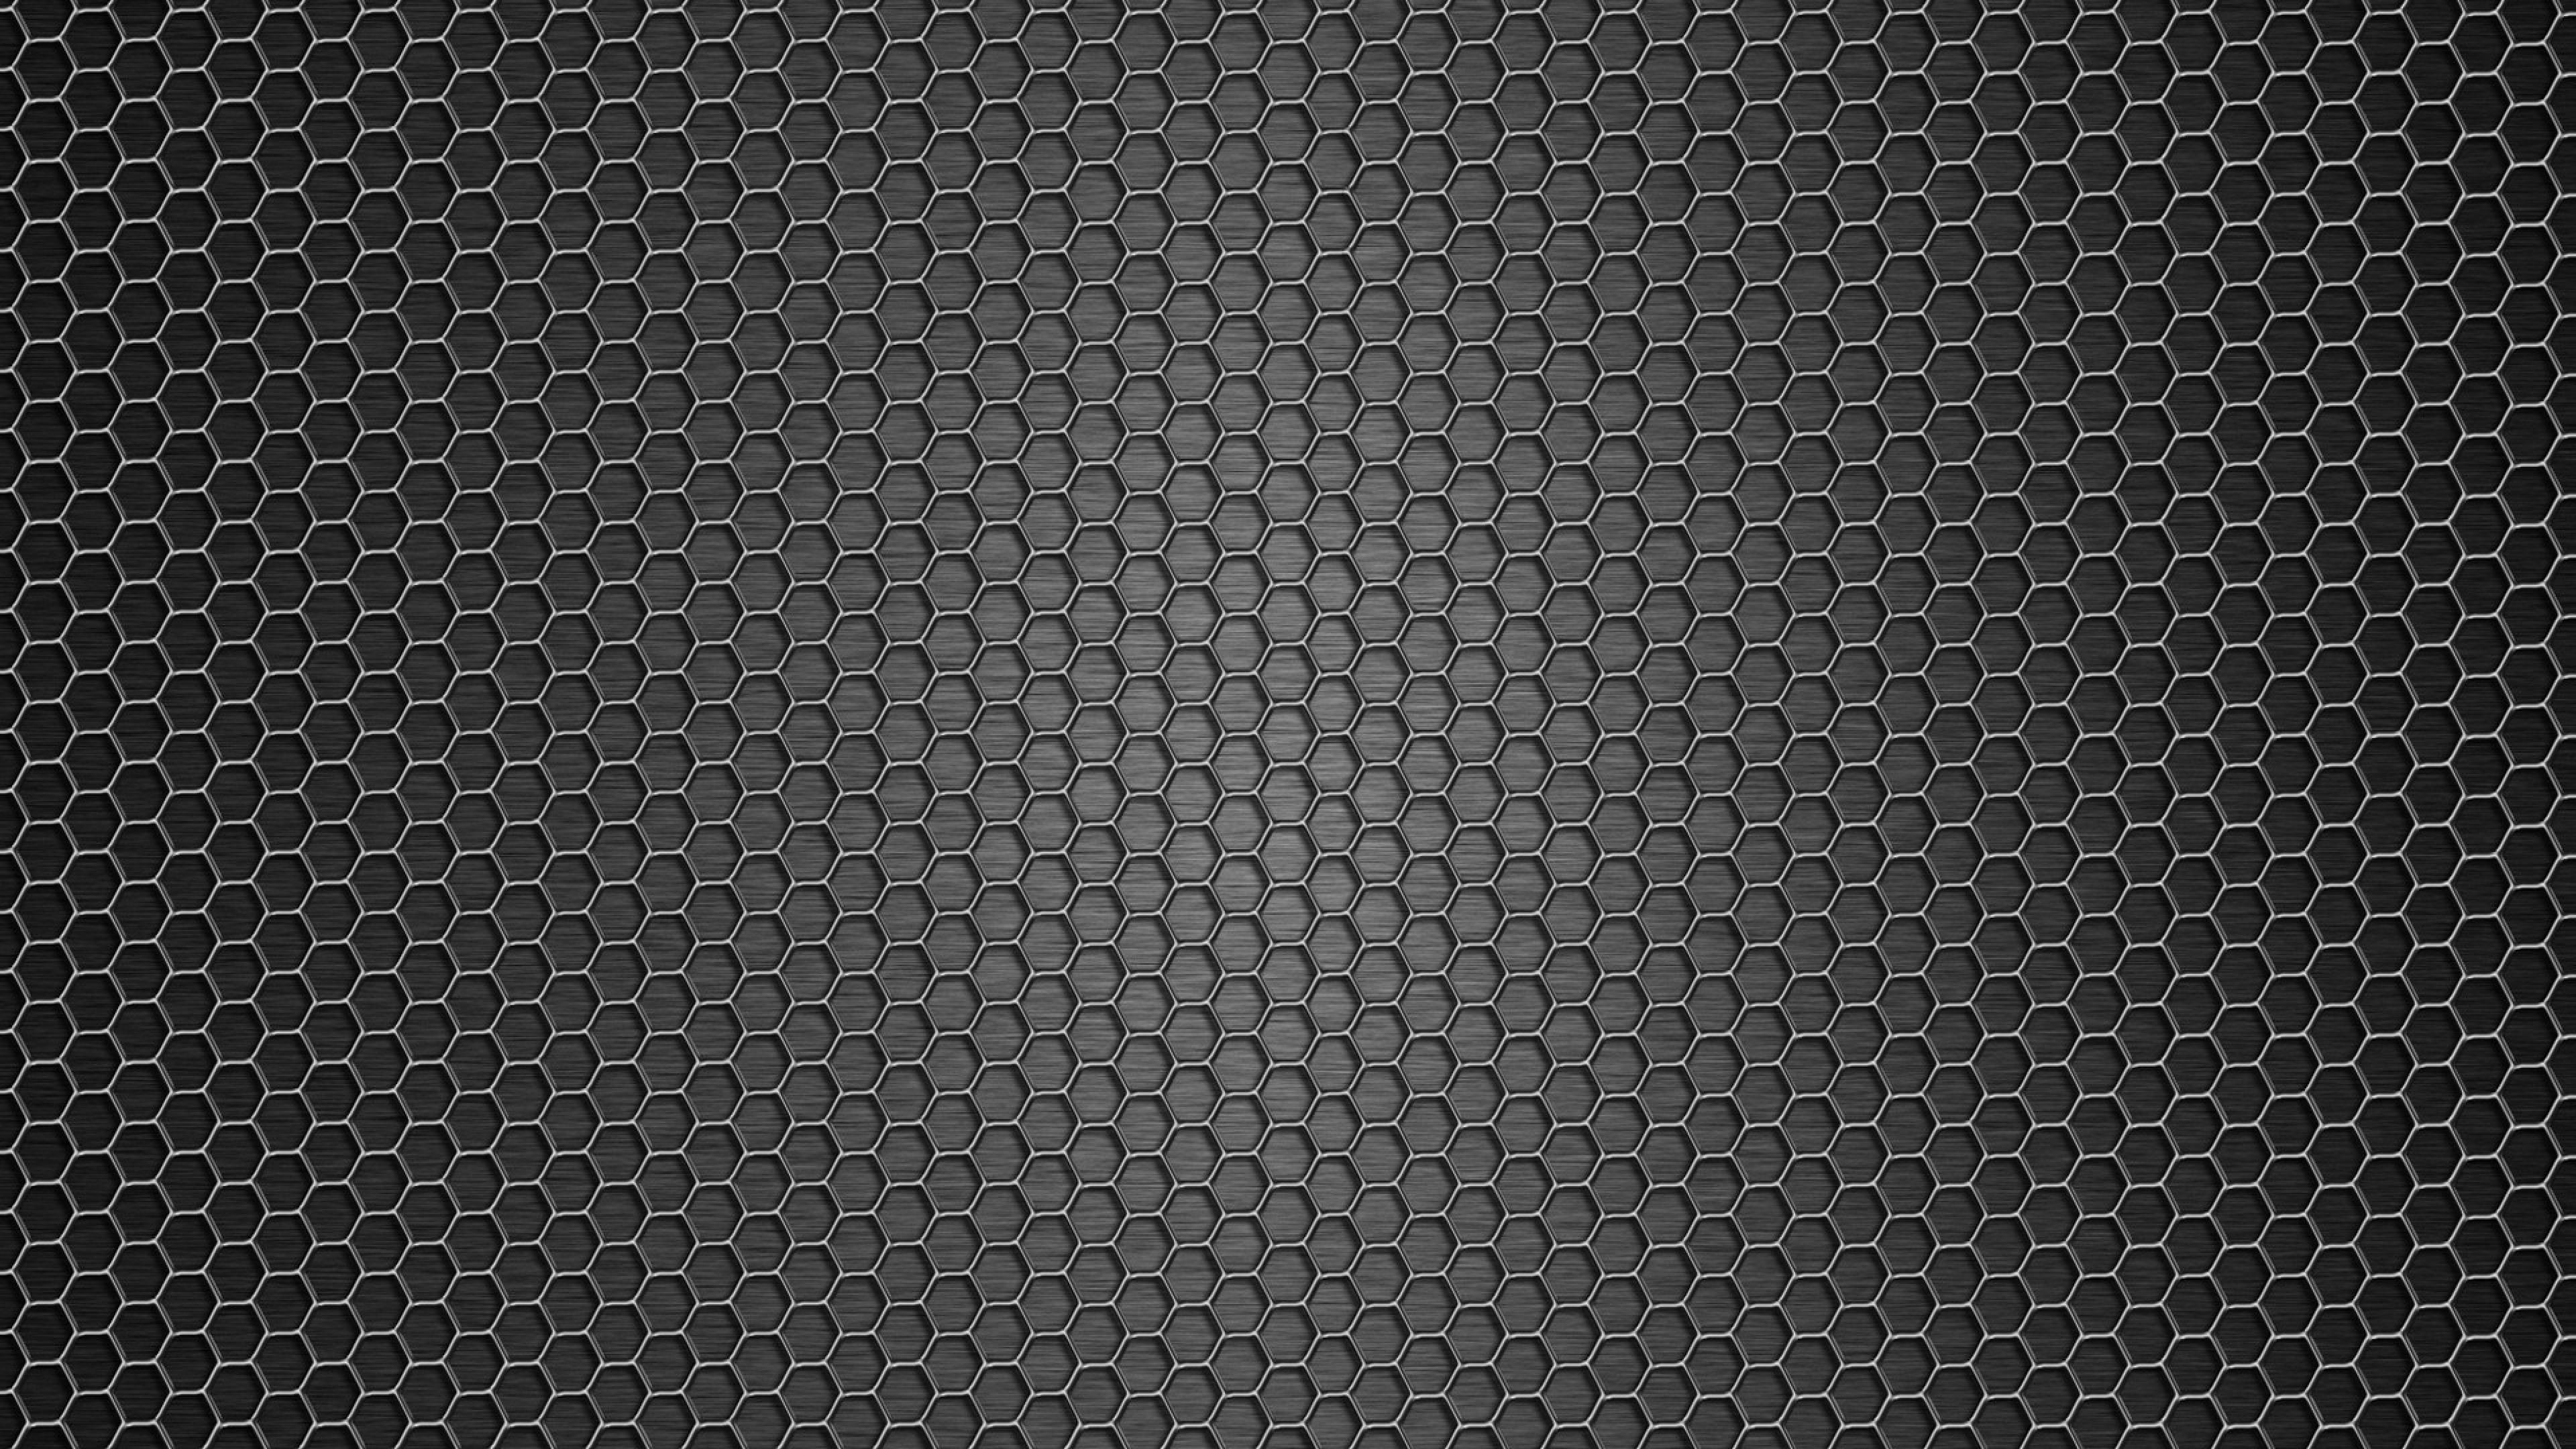 4k Texture Wallpaper Wallpapersafari